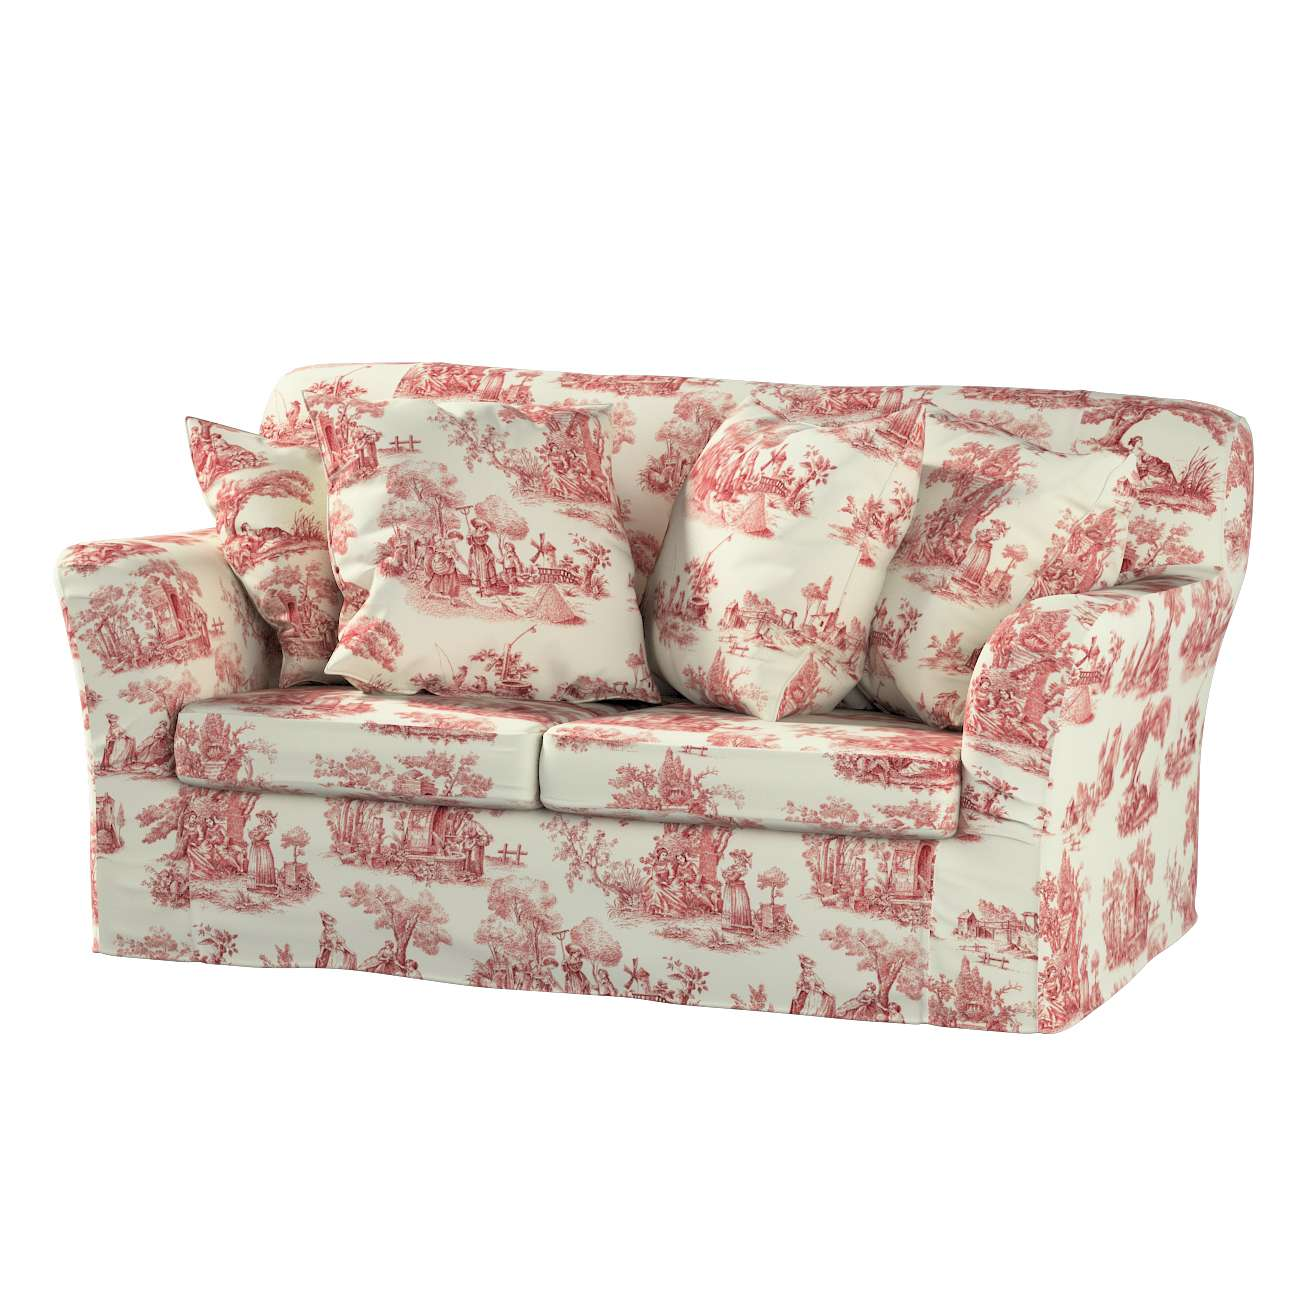 Pokrowiec na sofę Tomelilla 2-osobową nierozkładaną Sofa Tomelilla 2-osobowa w kolekcji Avinon, tkanina: 132-15